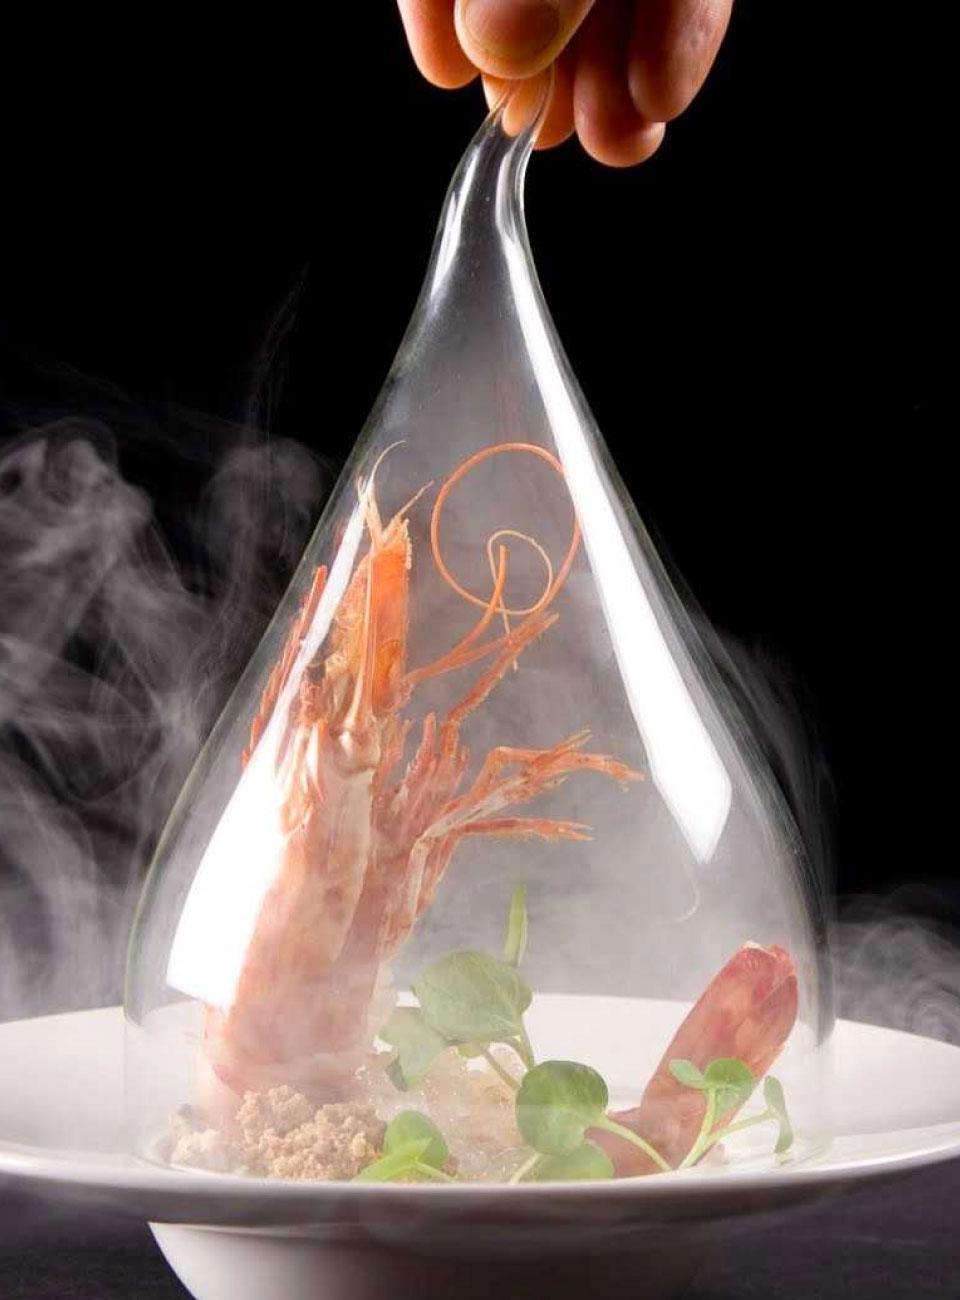 ¿Qué es la gastronomía molecular?